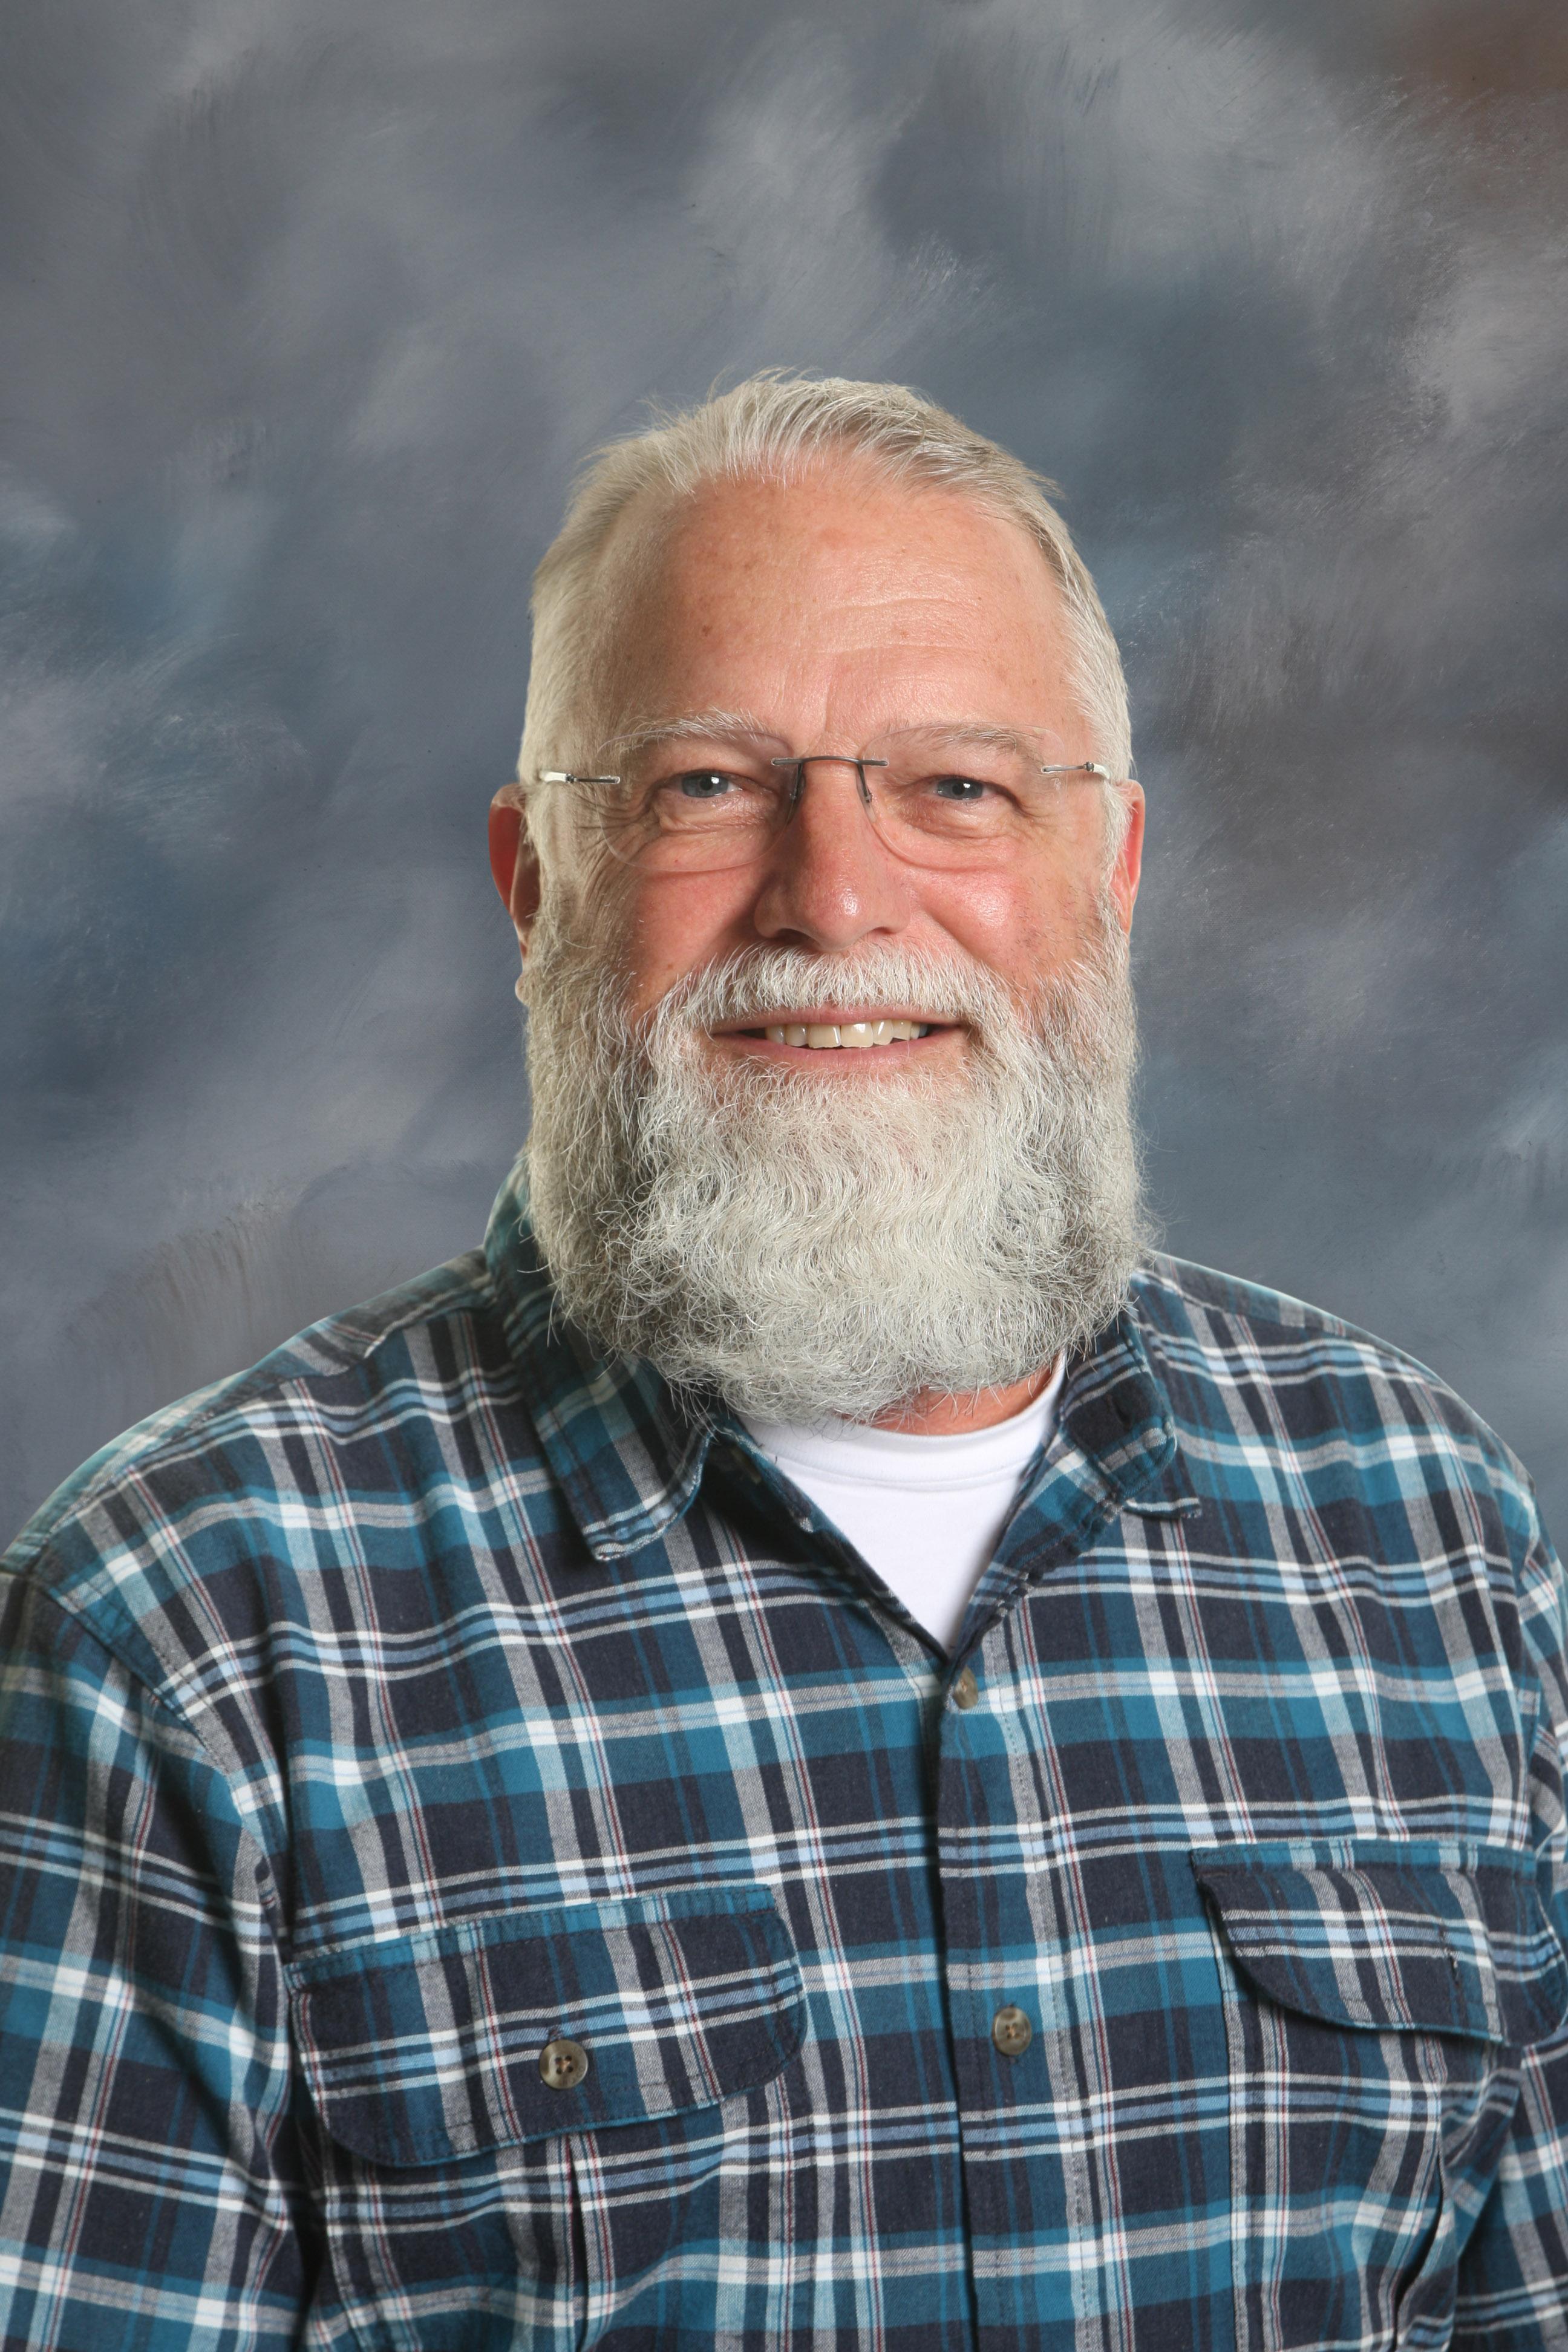 Adrian McDaniel